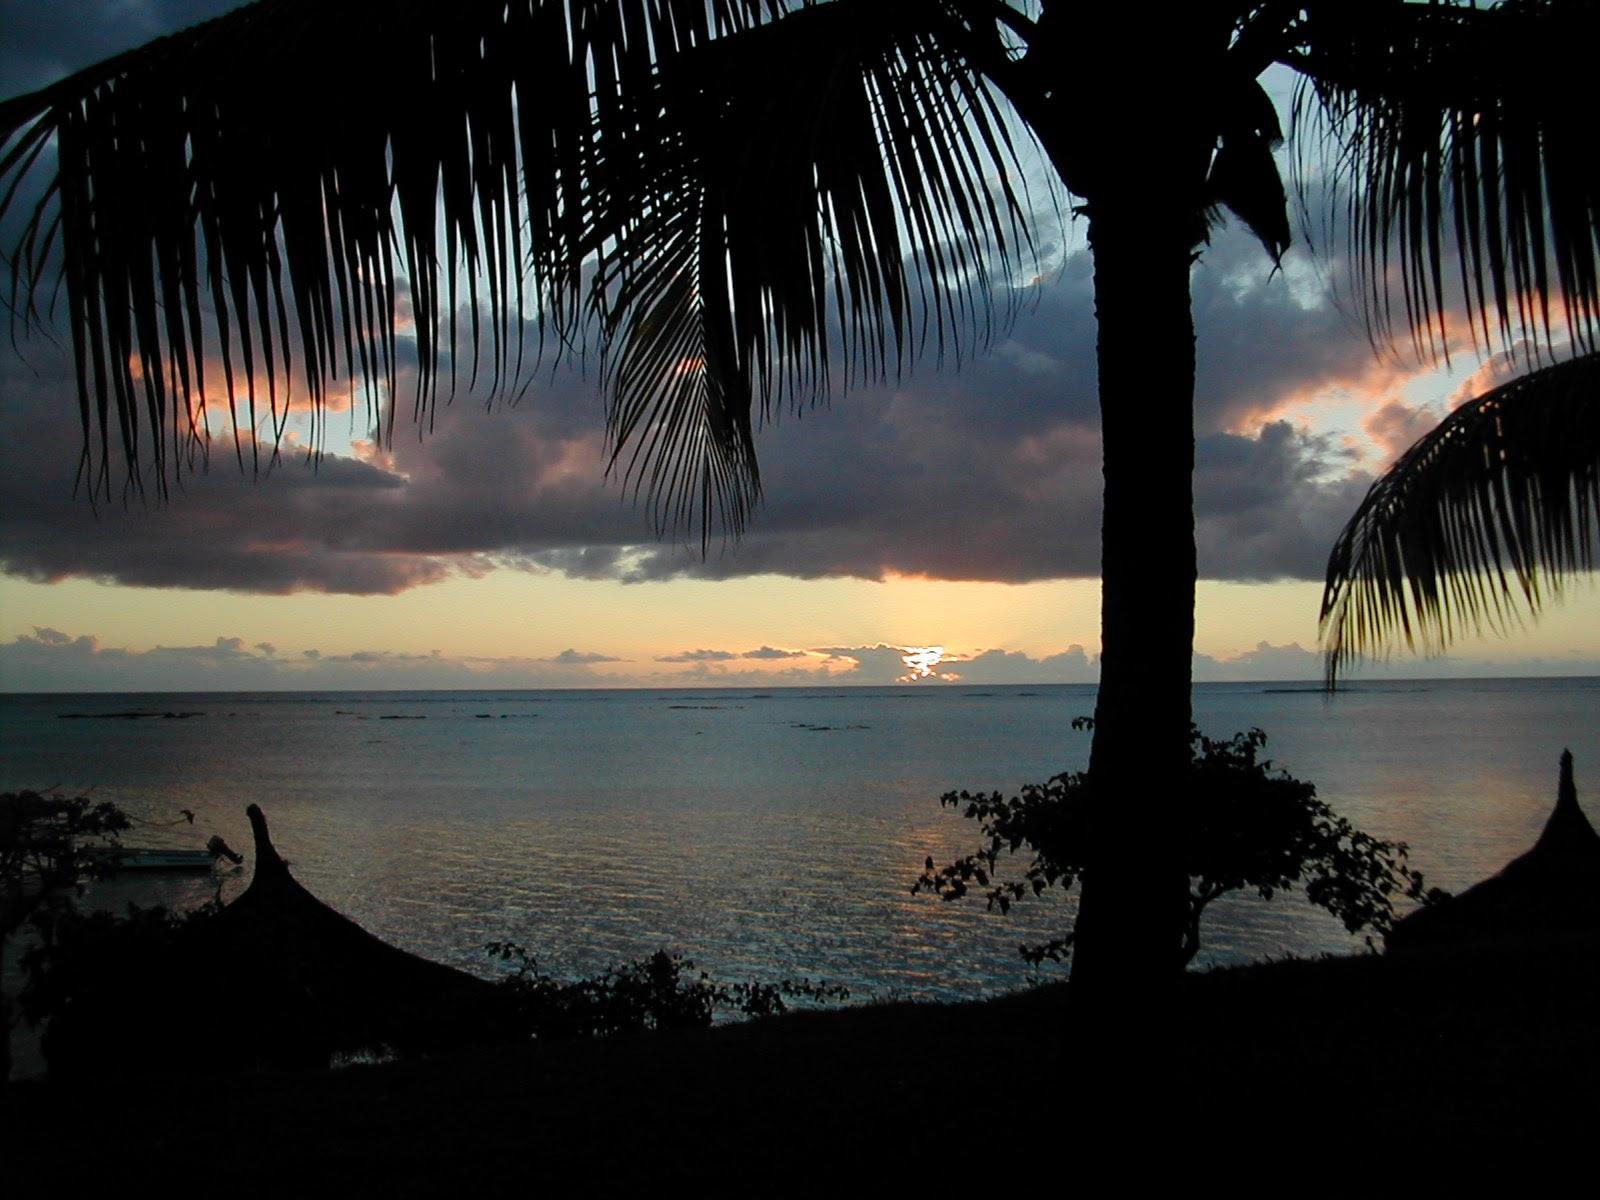 coucher soleil5.jpg